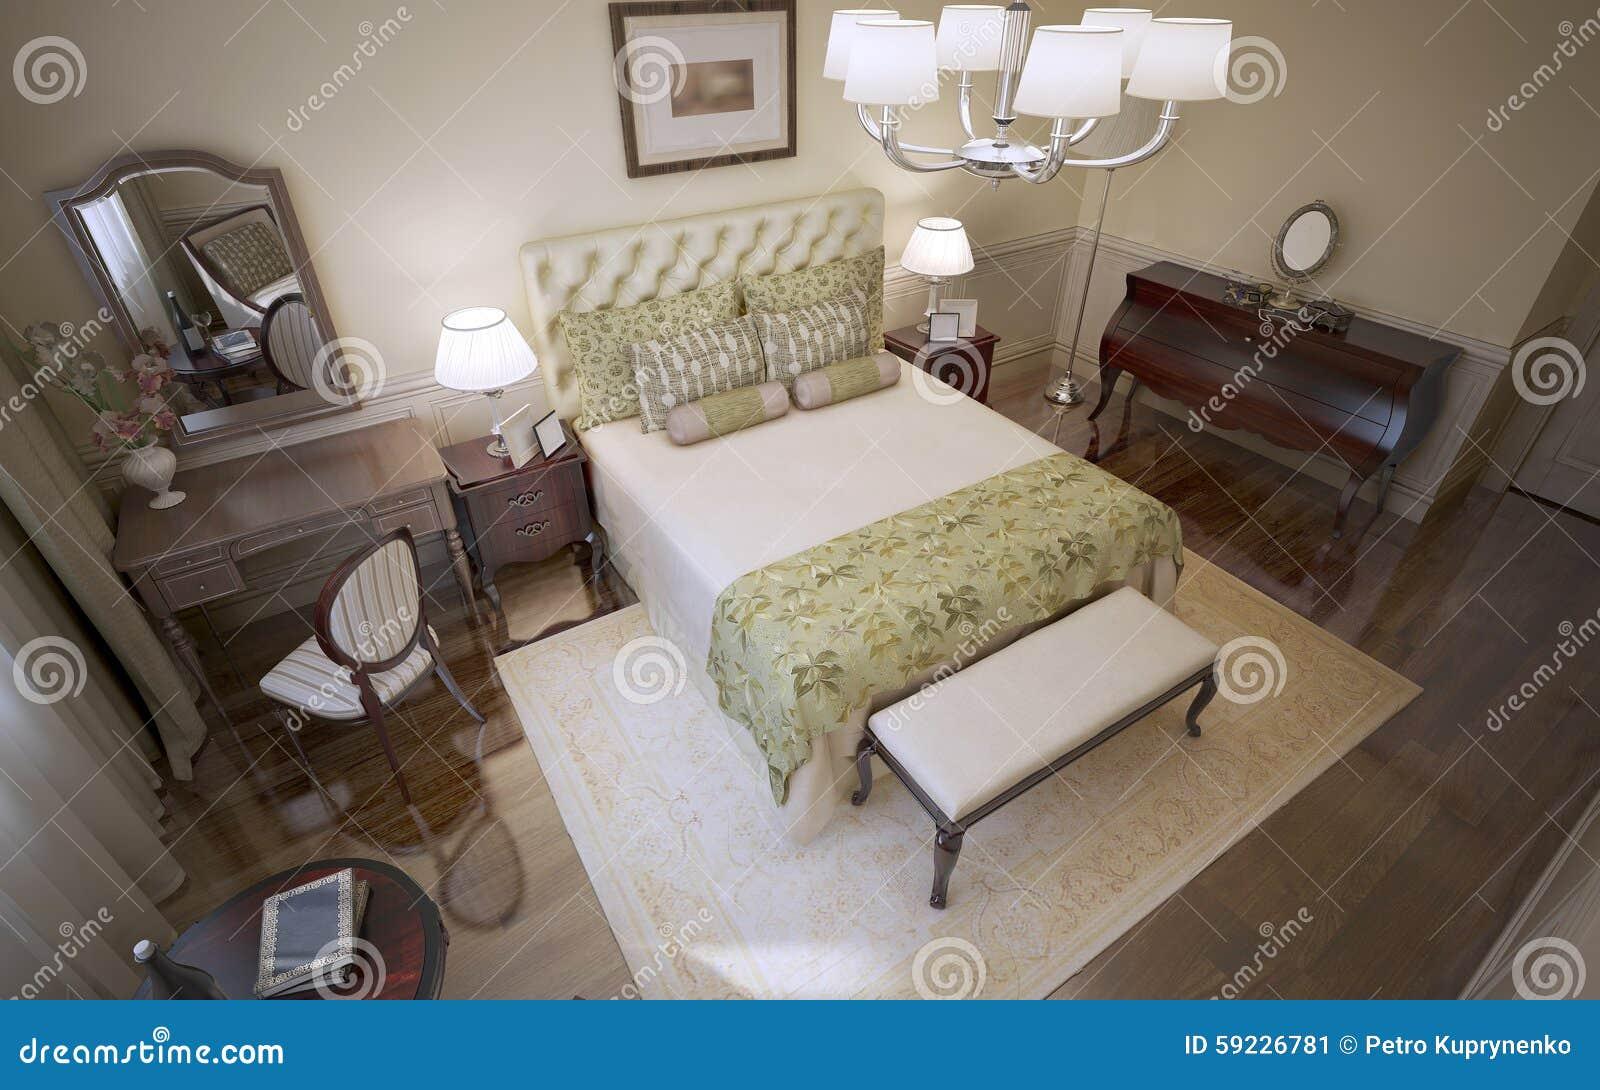 Beautiful Slaapkamer Engels Contemporary - Ideeën Voor Thuis ...